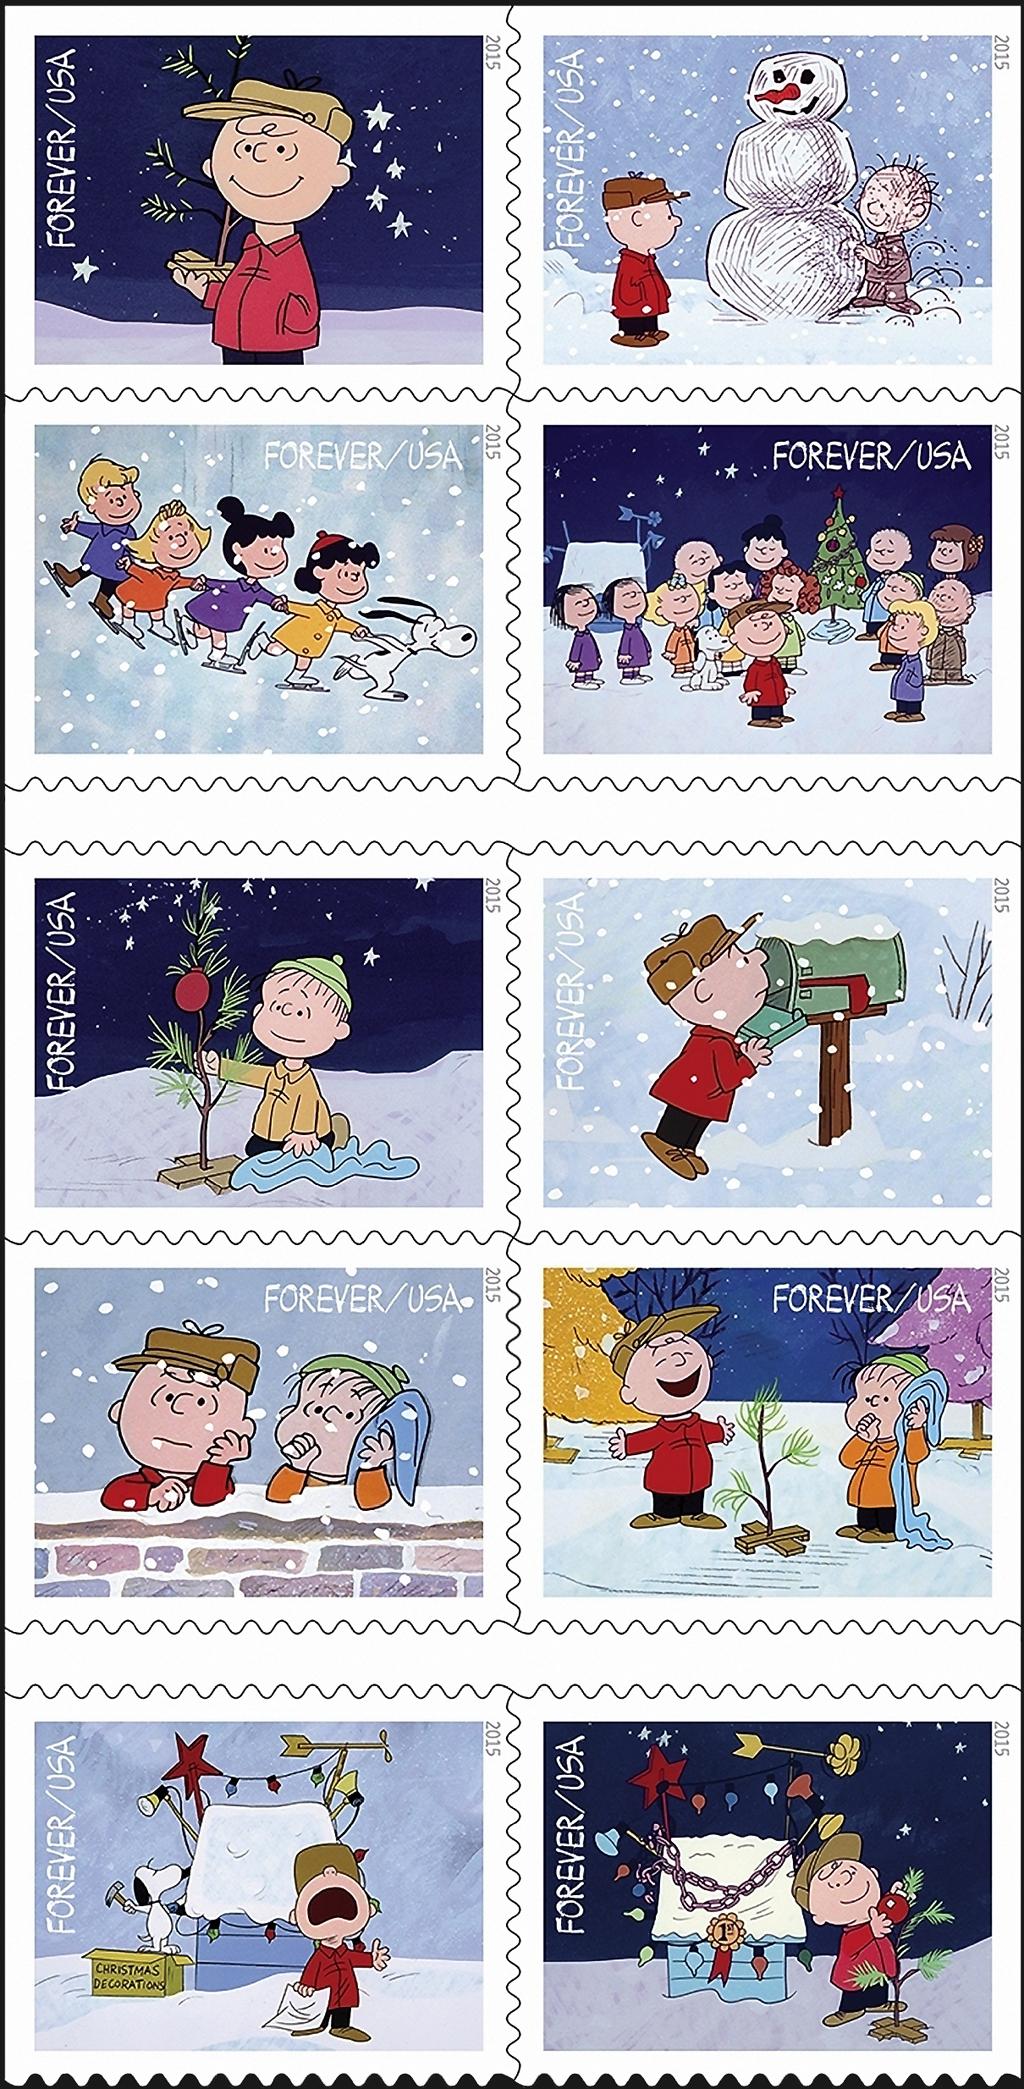 charlie-brown-christmas-10-stamps-2015